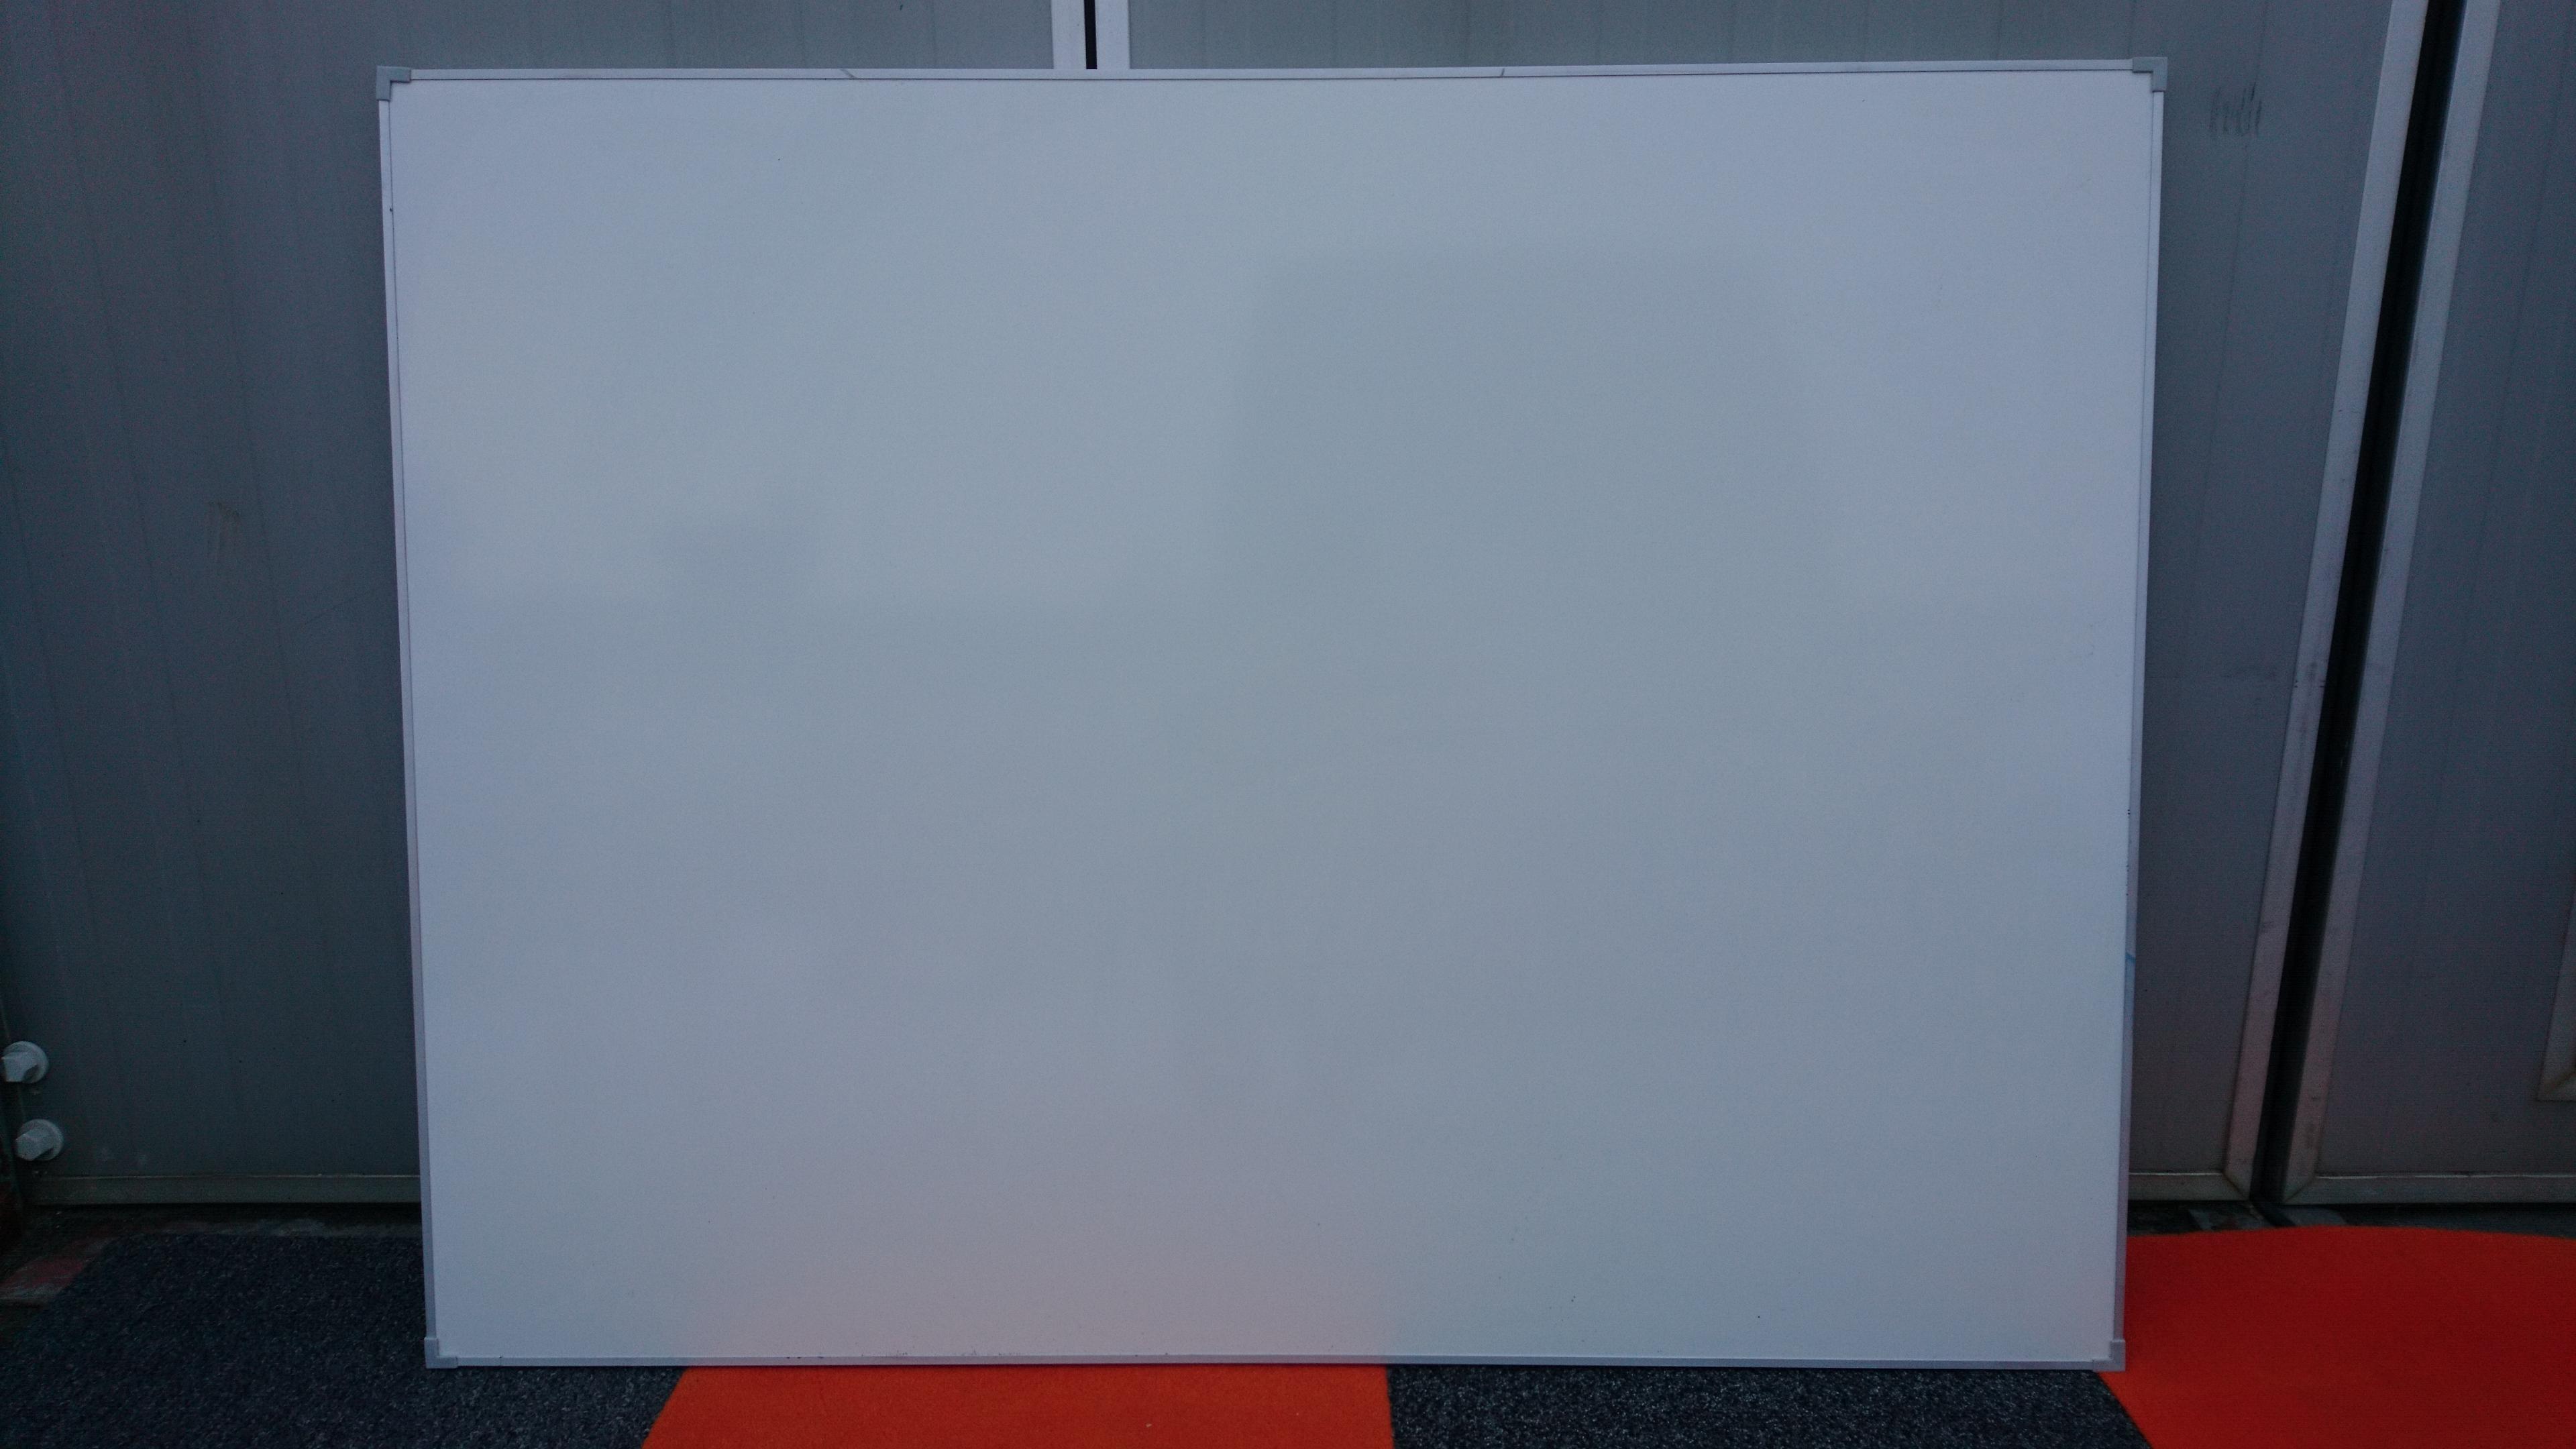 magnetisches whiteboard 120 x 90 cm gebraucht ist das neue. Black Bedroom Furniture Sets. Home Design Ideas